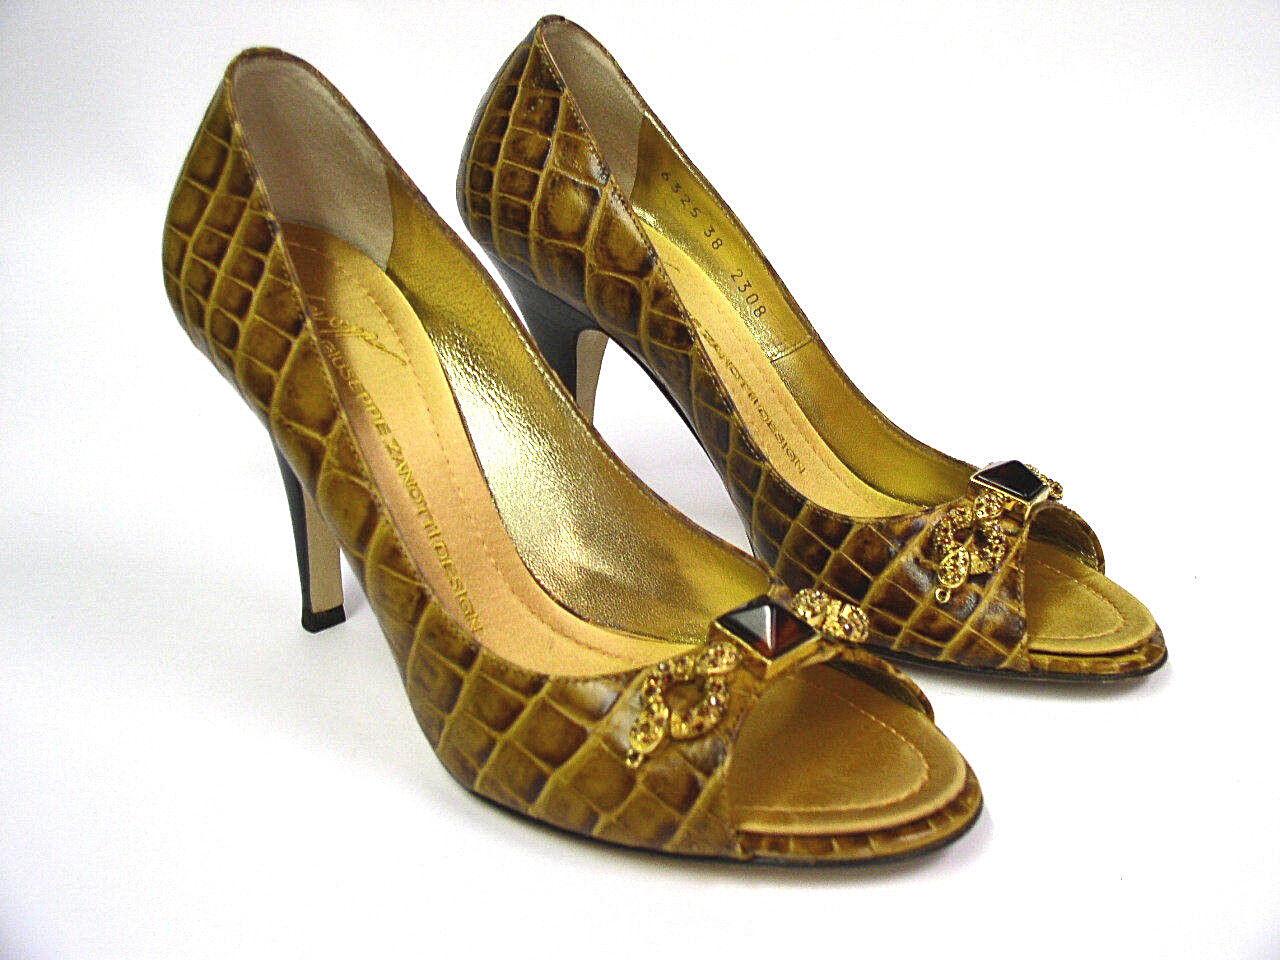 vendita di offerte GIUSEPPE ZANOTTI VICINI Taz 90 Sandal Raffa Raffa Raffa Cucio Dimensione 8B U.S., 38-39 Eur,6 UK  risparmia fino al 30-50% di sconto